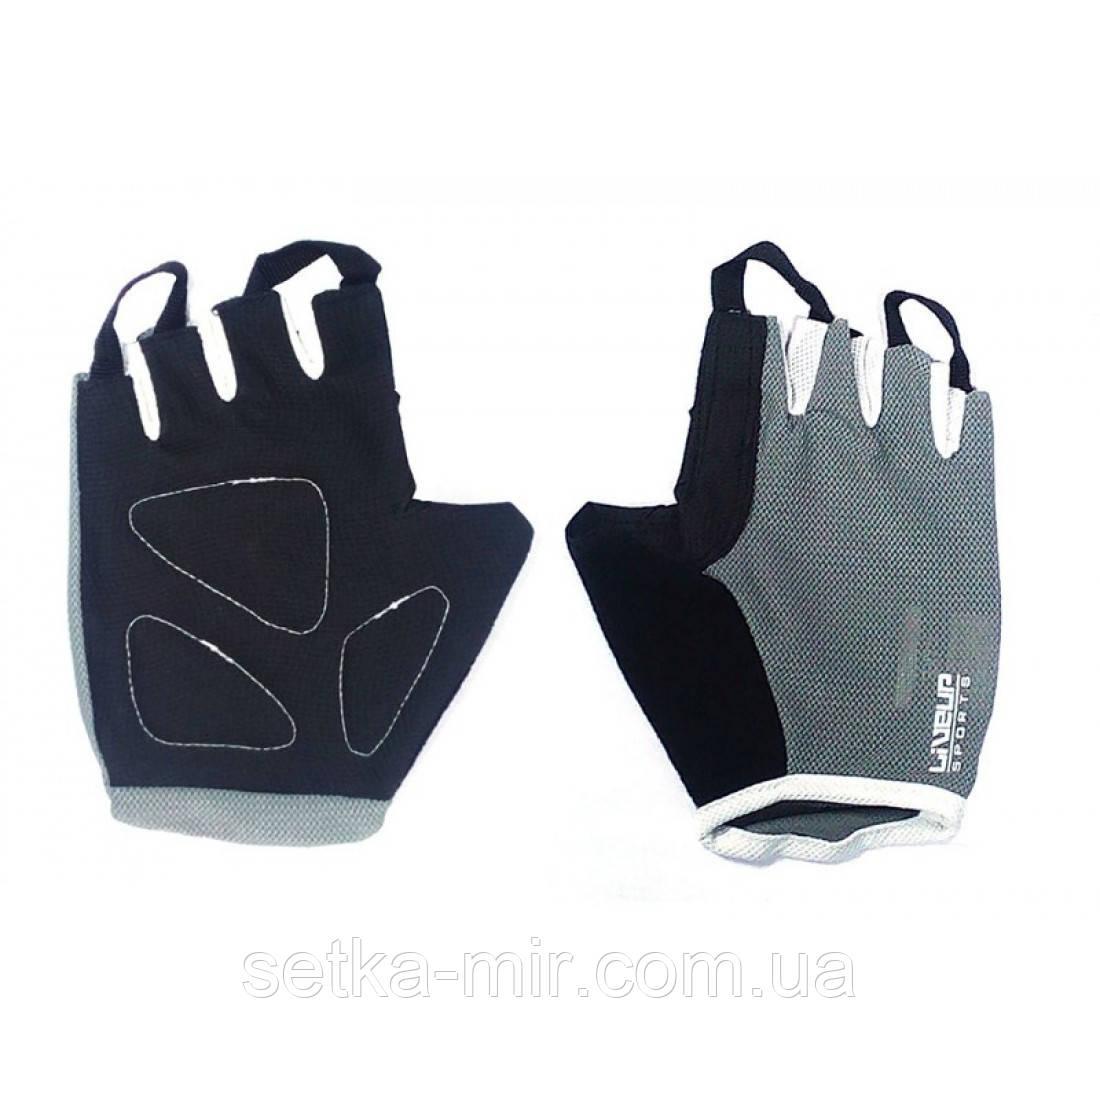 Перчатки для тренировки LiveUp TRAINING GLOVES, LS3066-LXL